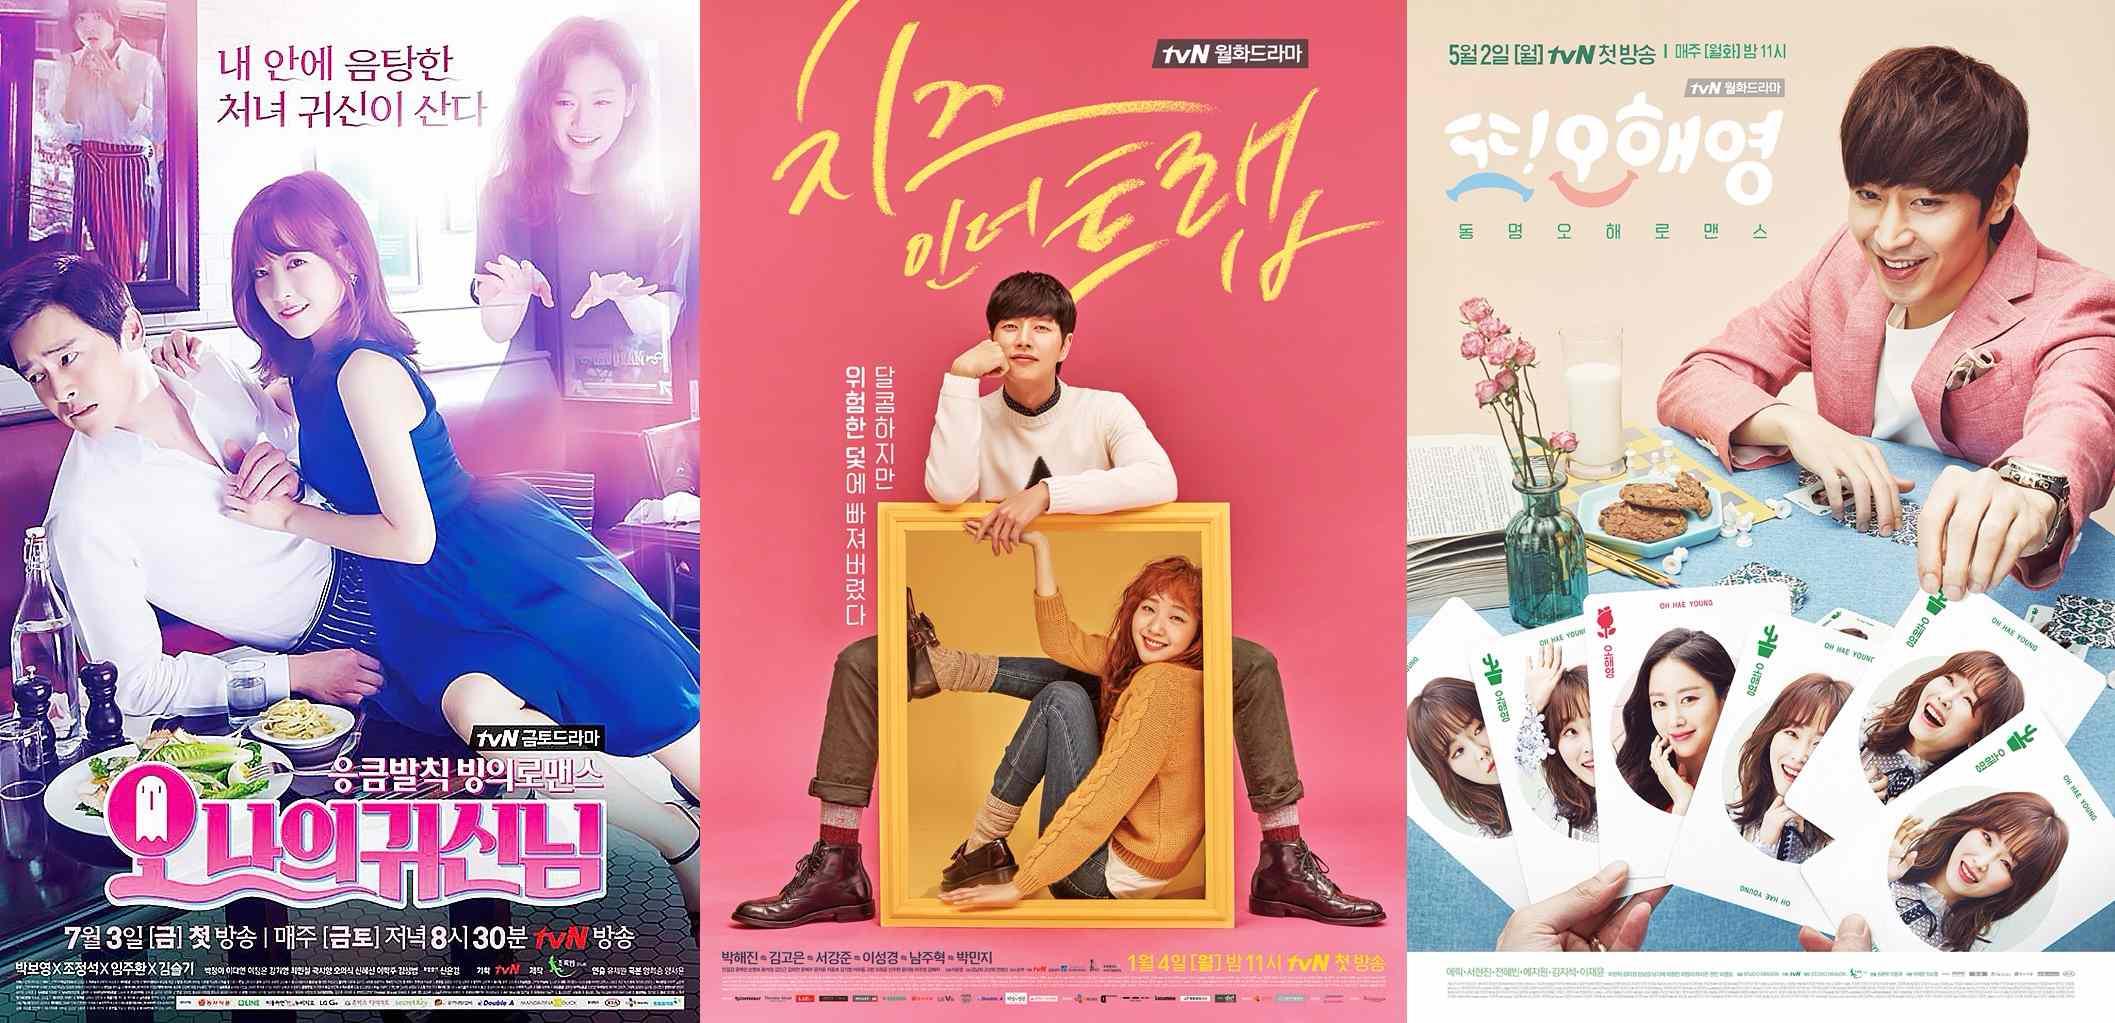 <人氣獎> 《Oh 我的鬼神君》、《奶酪陷阱》、《又吳海英》,先不論結局如何,這幾部播出的時候在韓網友間都是高度討論的戲劇